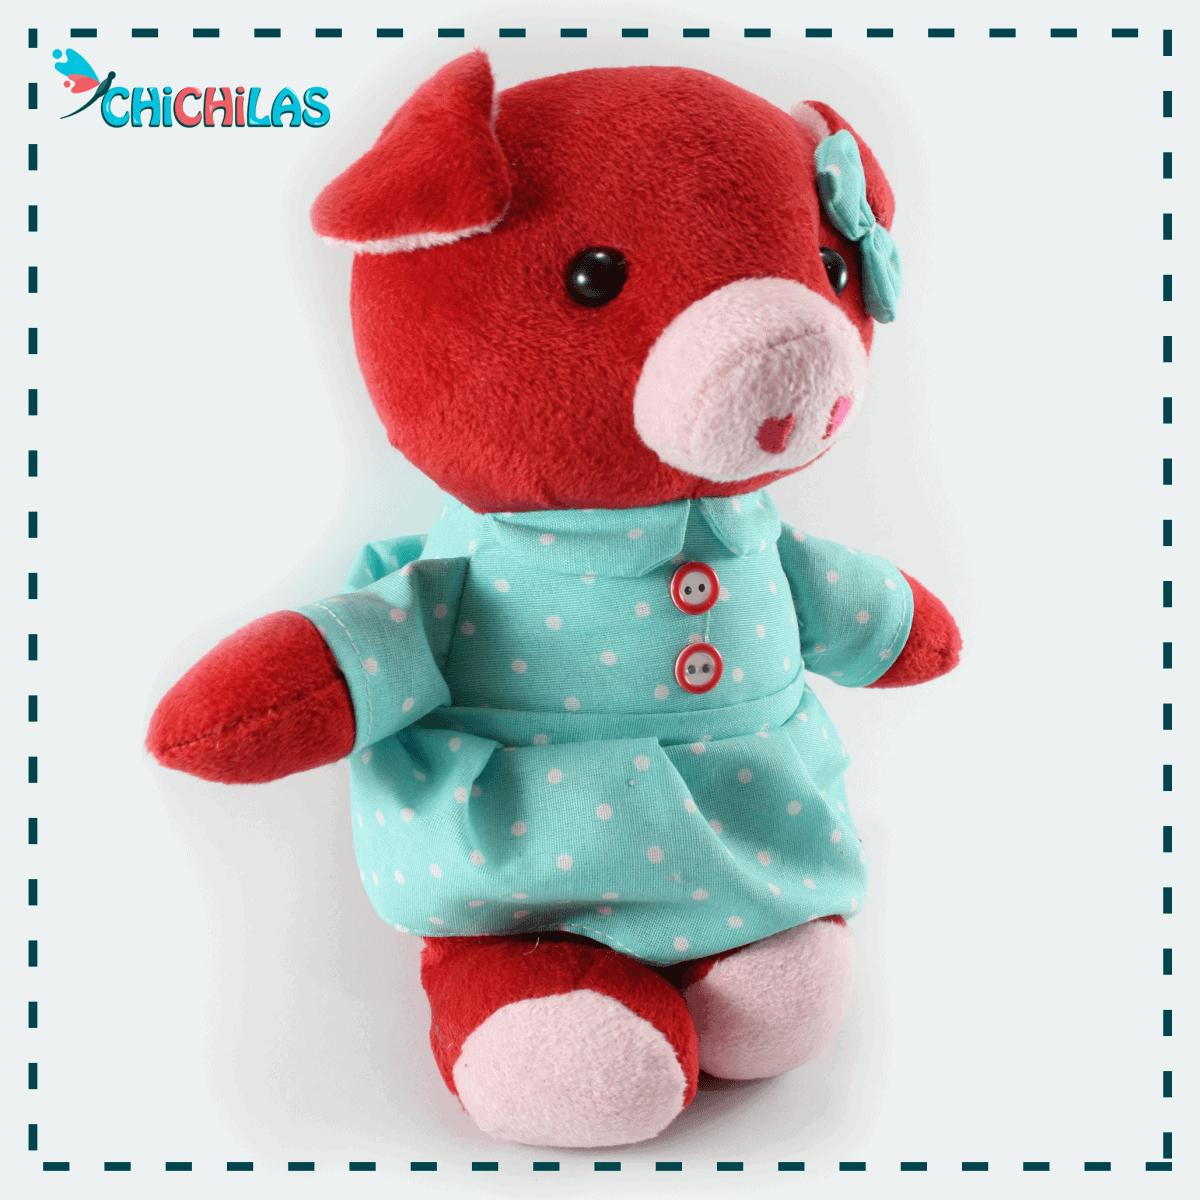 چیچیلاس - عروسک خوک - عروسک خارجی - عروسک دخترانه - فروشگاه عروسک - خرید عمده عروسک